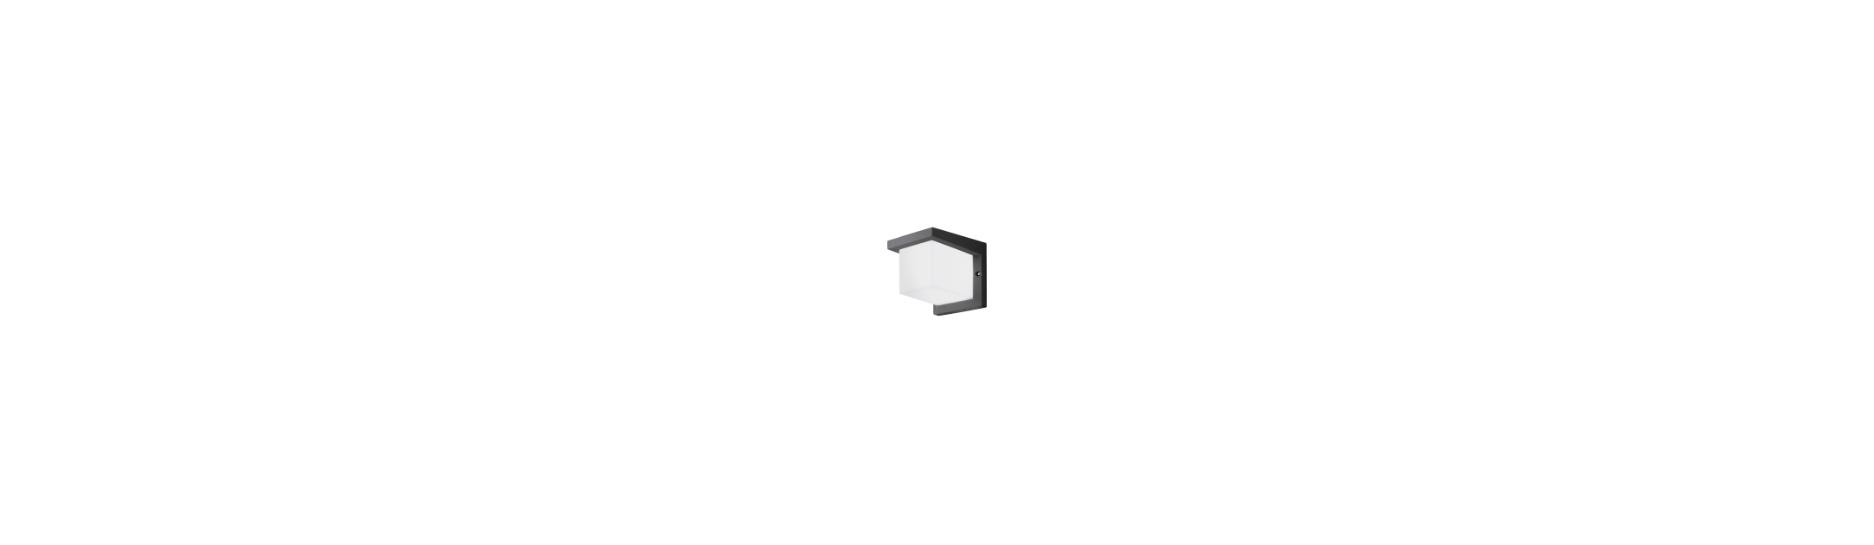 LED svítidla exteriérová